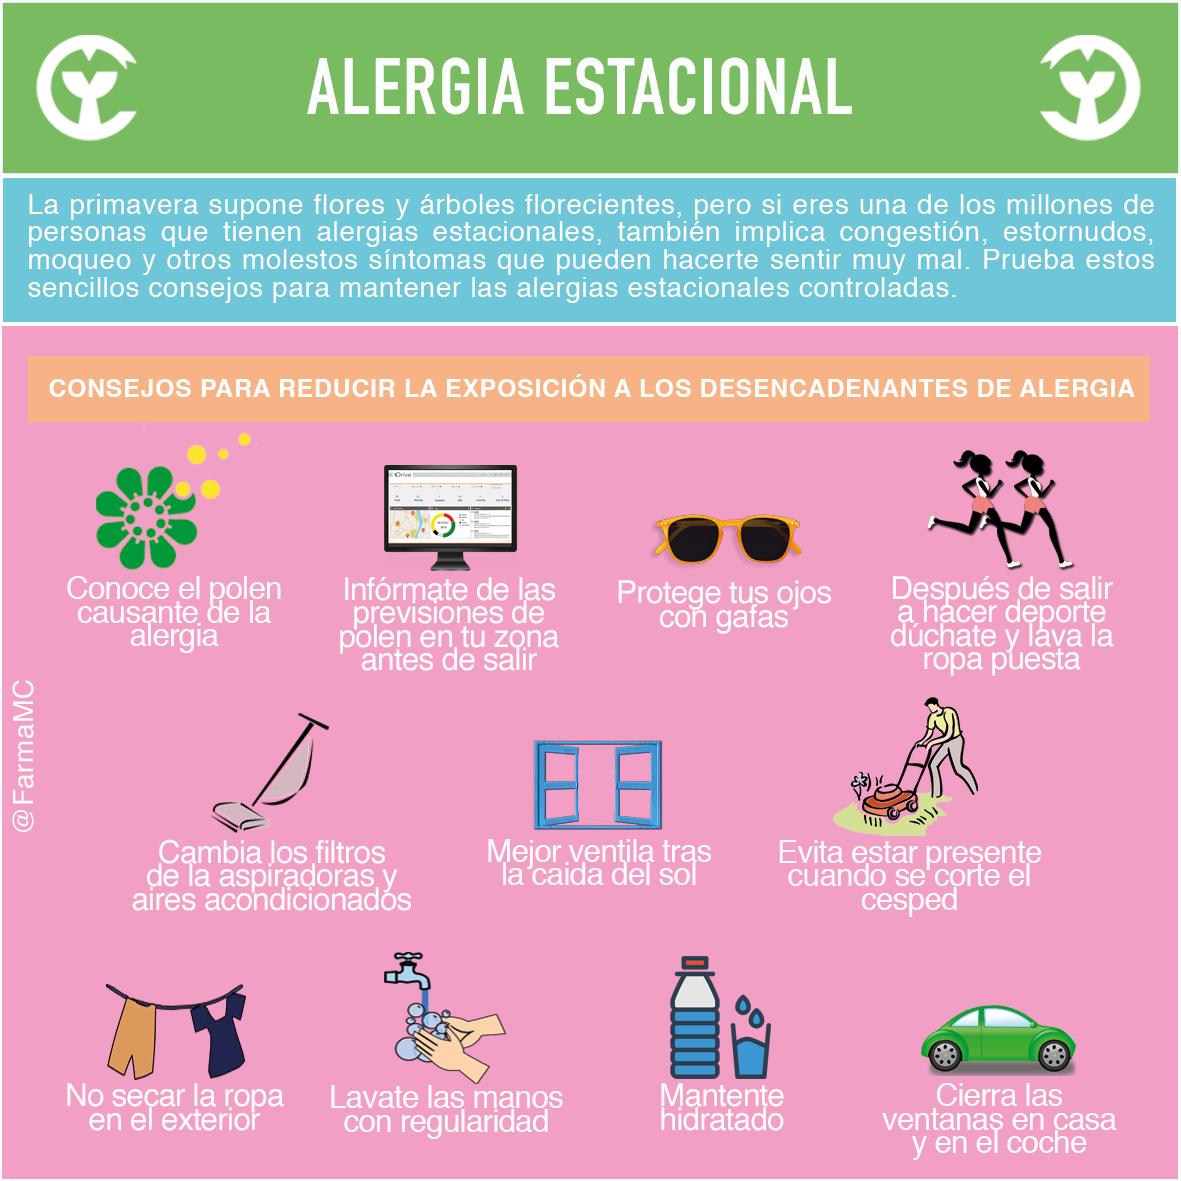 InfografiaAlergiaEstacionalpng